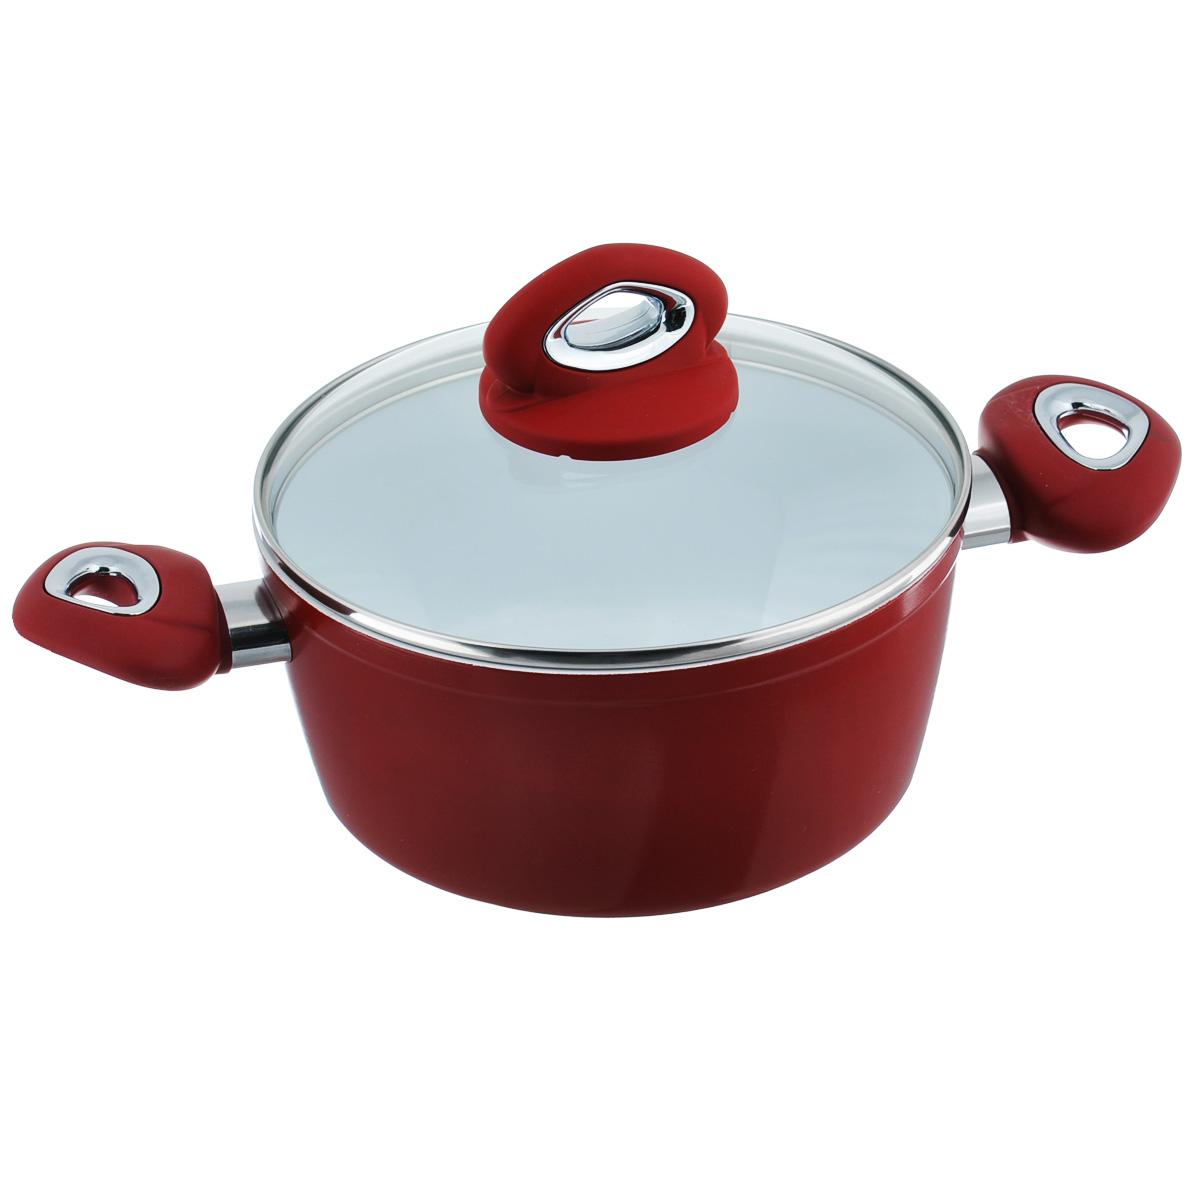 Кастрюля Bialetti с крышкой, с керамическим покрытием, цвет: красный, 2,5 лBL 104 RКастрюля Bialetti изготовлена из тяжело анодированного алюминия - металла прочнее стали, который обладает отличными антипригарными свойствами и высокой теплопроводностью. Вам потребуется меньше времени и меньший температурный режим для готовки, т.к. эко посуда нагревается быстрее и сильнее, чем традиционная. При производстве посуды Bialetti не используются опасные для окружающей среды компоненты (такие как PFOA), имеющие длительный период распада. Особо прочное керамическое покрытие Aeternum предотвращает пригорание пищи и обеспечивает ее легкое приготовление. Кроме того, покрытие обладает жиро- и водоотталкивающими свойствами, поэтому легко чистится. Удобные ручки выполнены из бакелита с прорезиненным покрытием. Крышка изготовлена из жаропрочного стекла. Внешние стенки покрыты жаропрочной эмалью красного цвета. Самым неожиданным станут впечатления от цвета посуды - пожарьте мясо или картошку на белоснежной керамической посуде хоть один раз, и вы...